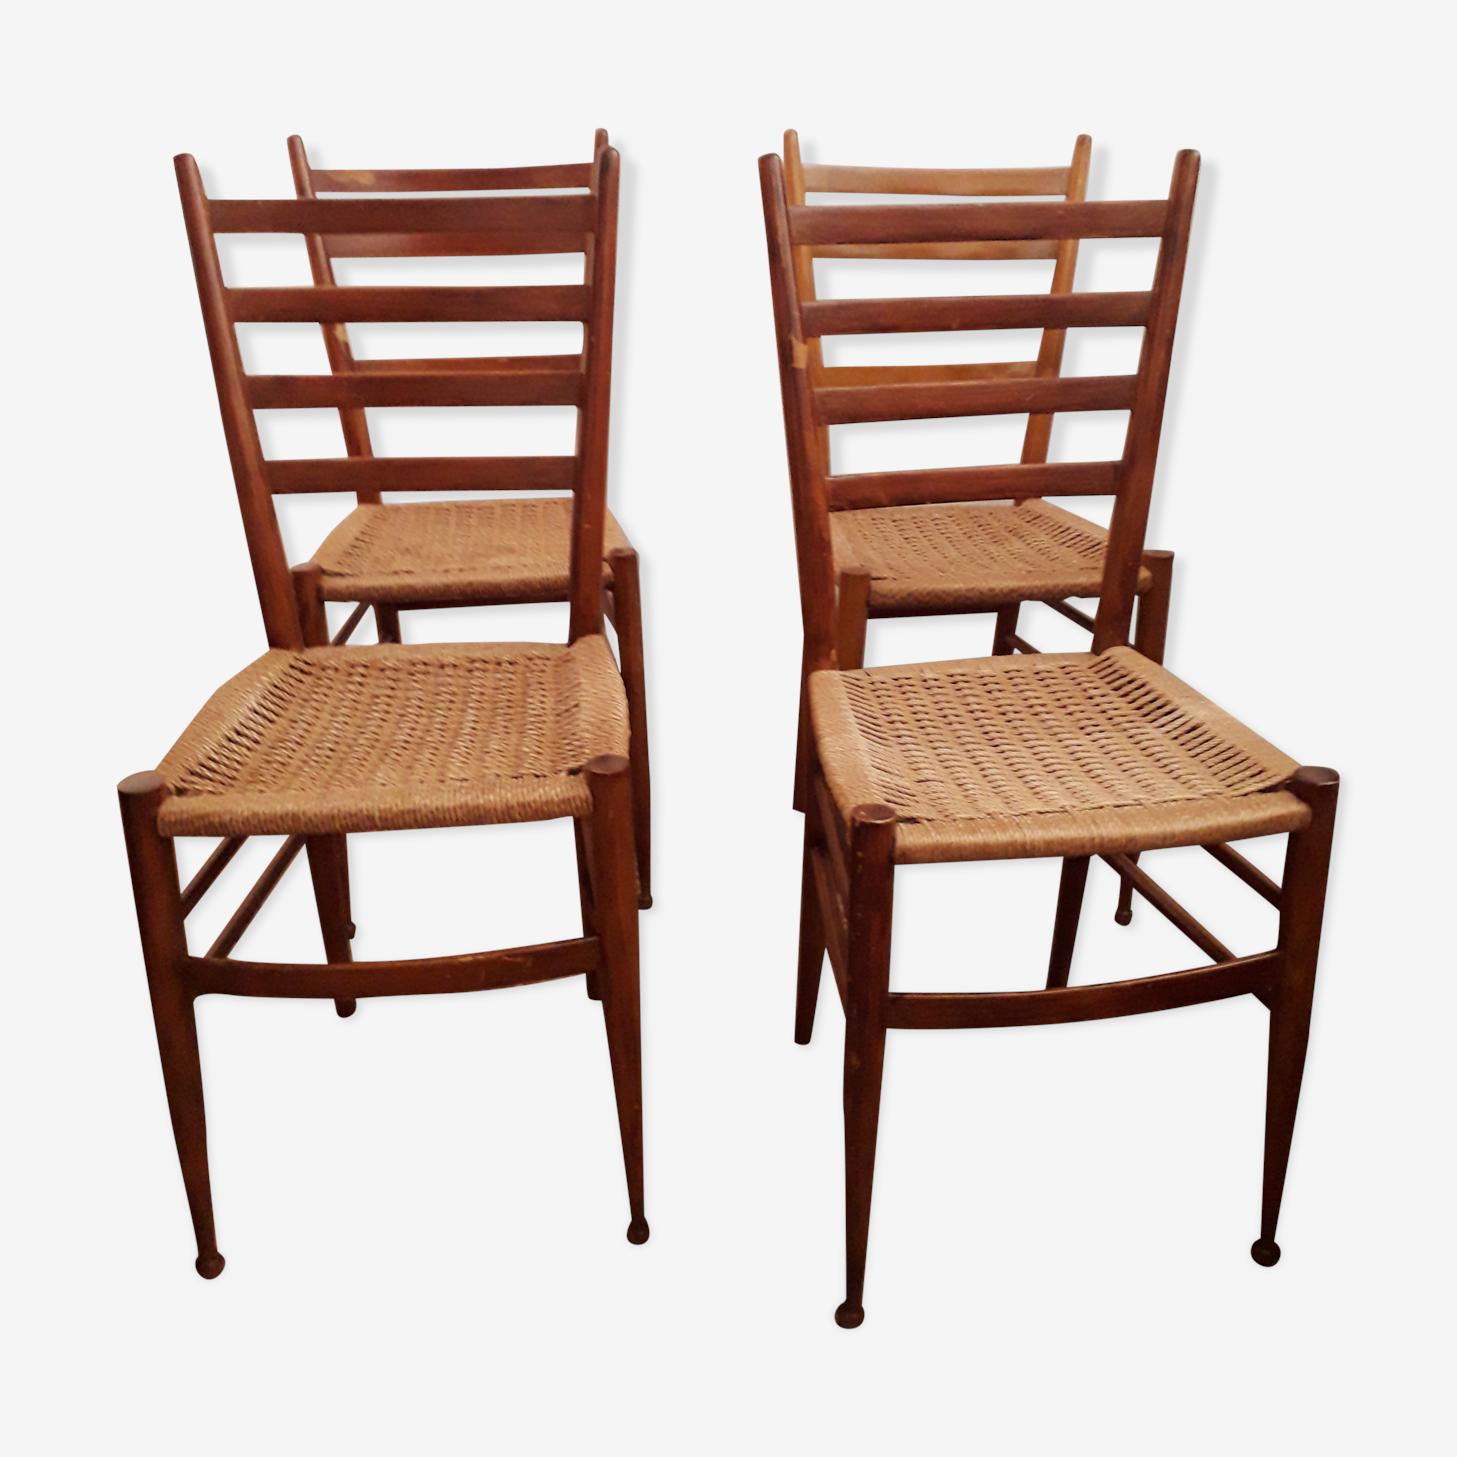 Chaises design italien années 50-60